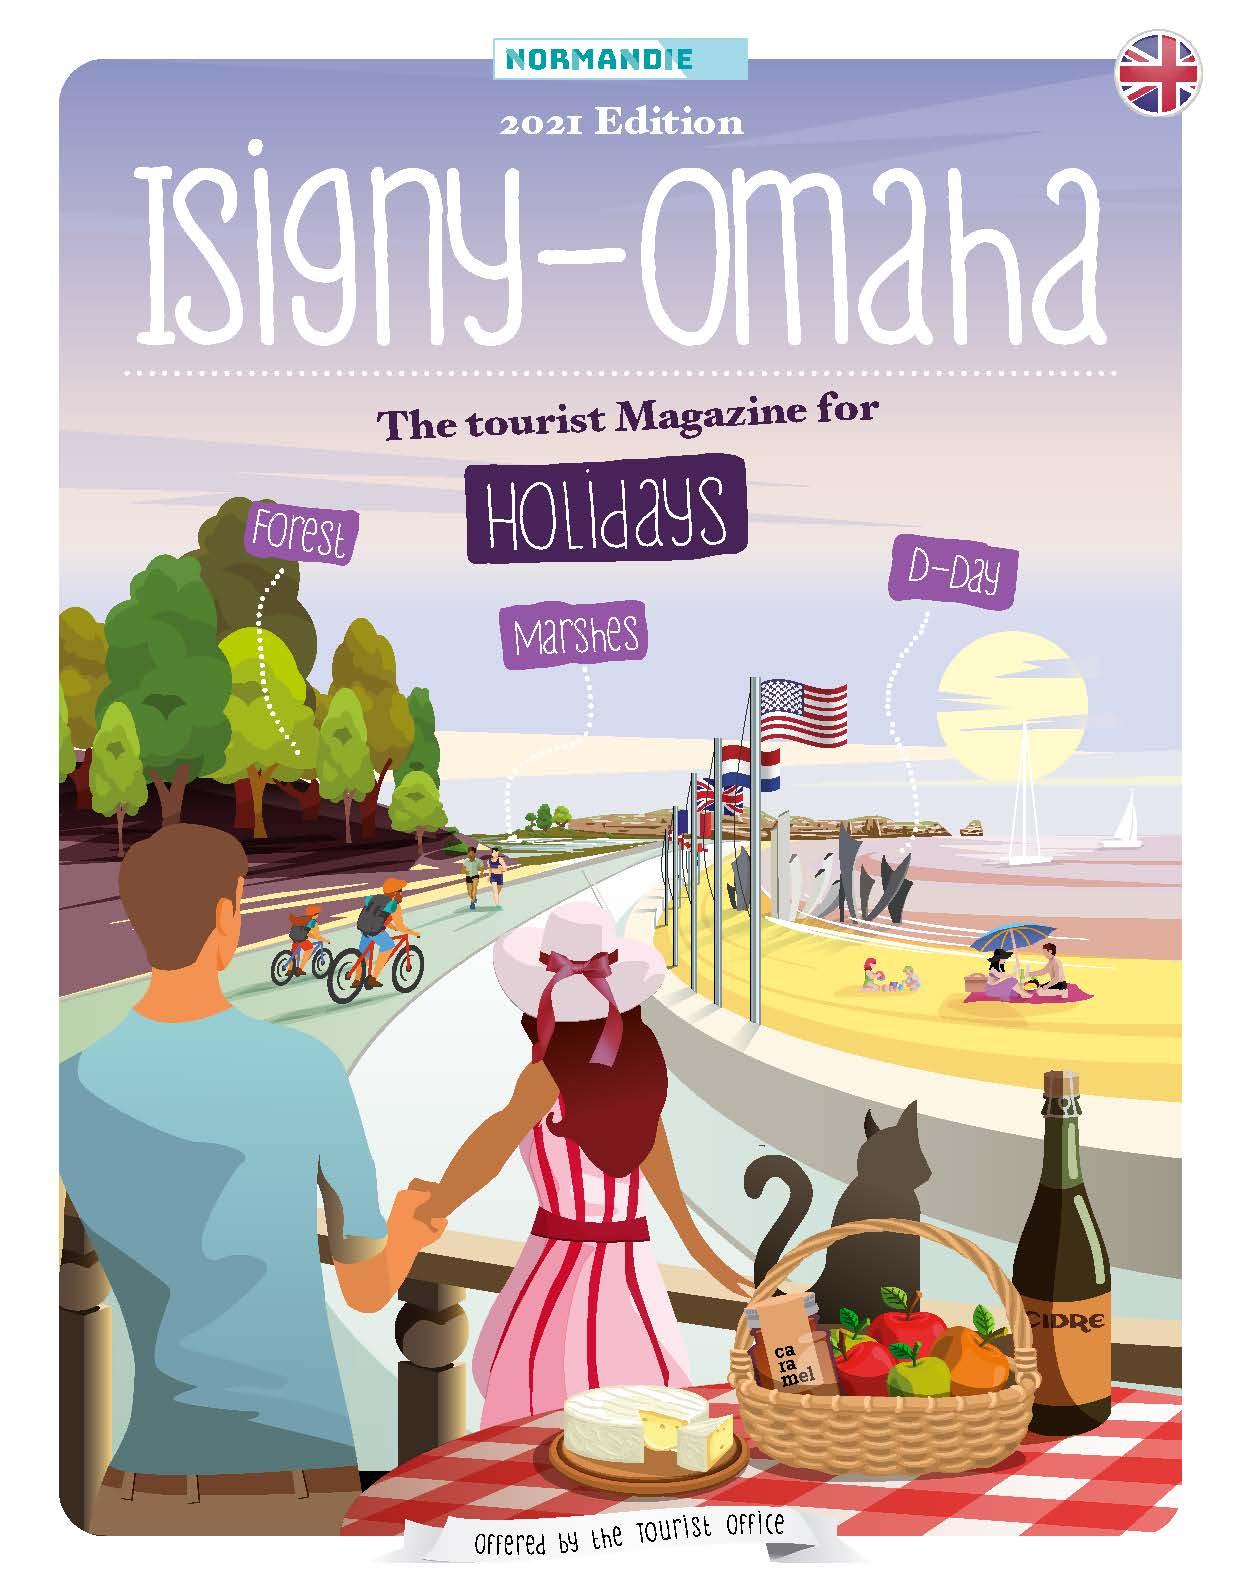 Tourist magazine Isigny Omaha 2021 (english)